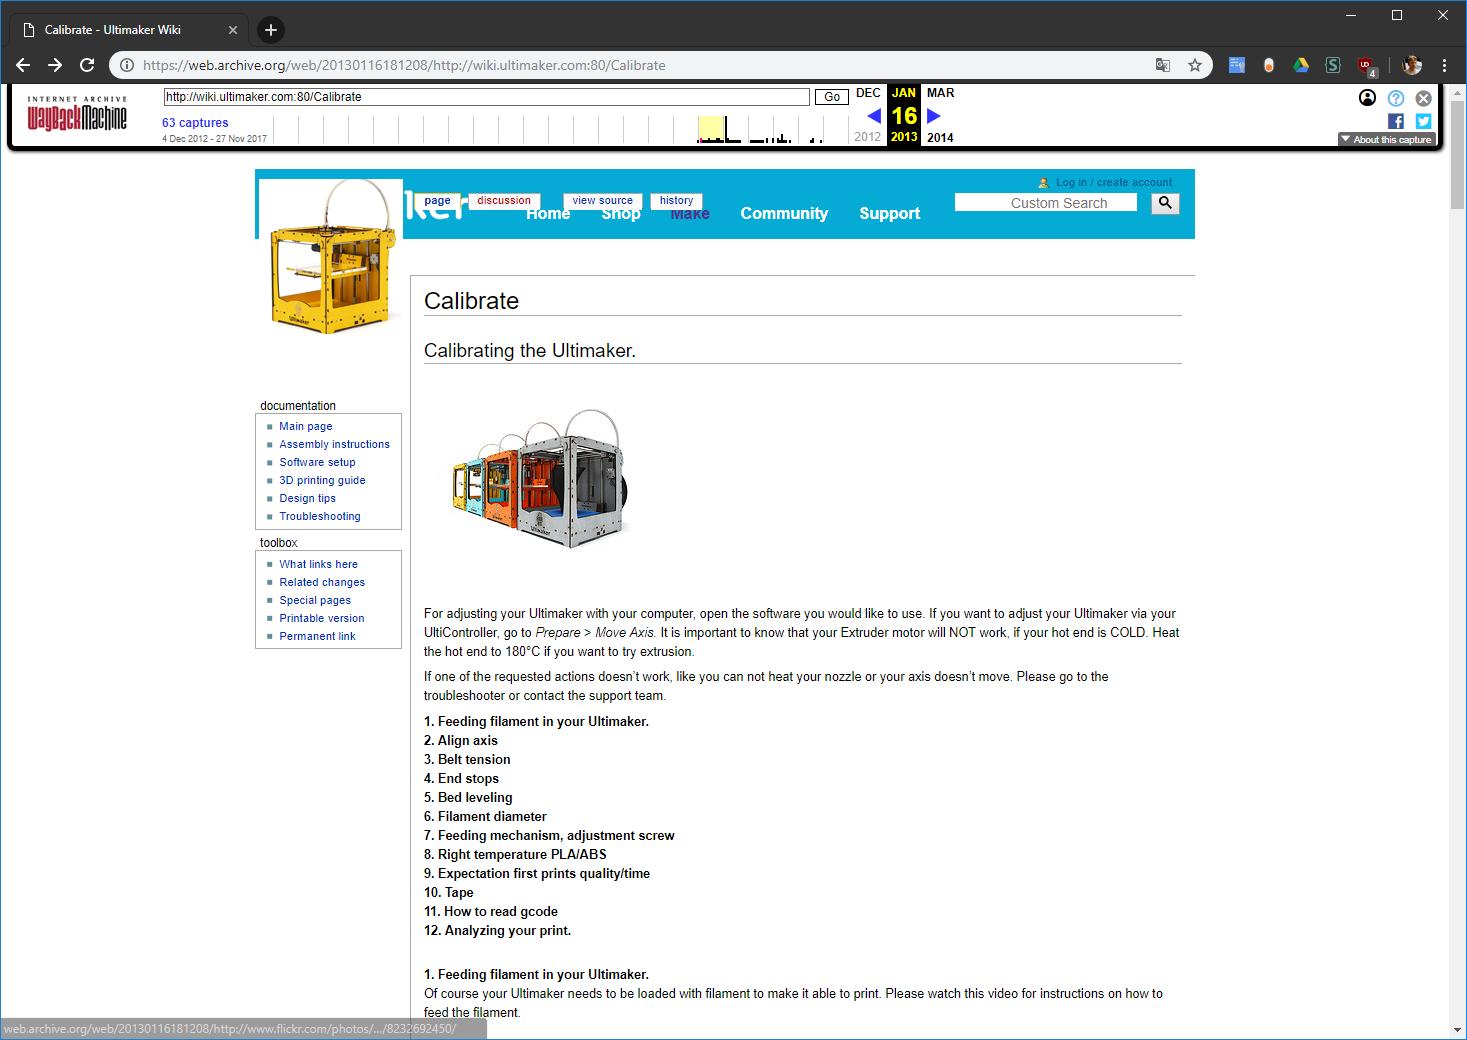 Screenshot der Seite wiki.ultimaker.com vom 16.01.2013